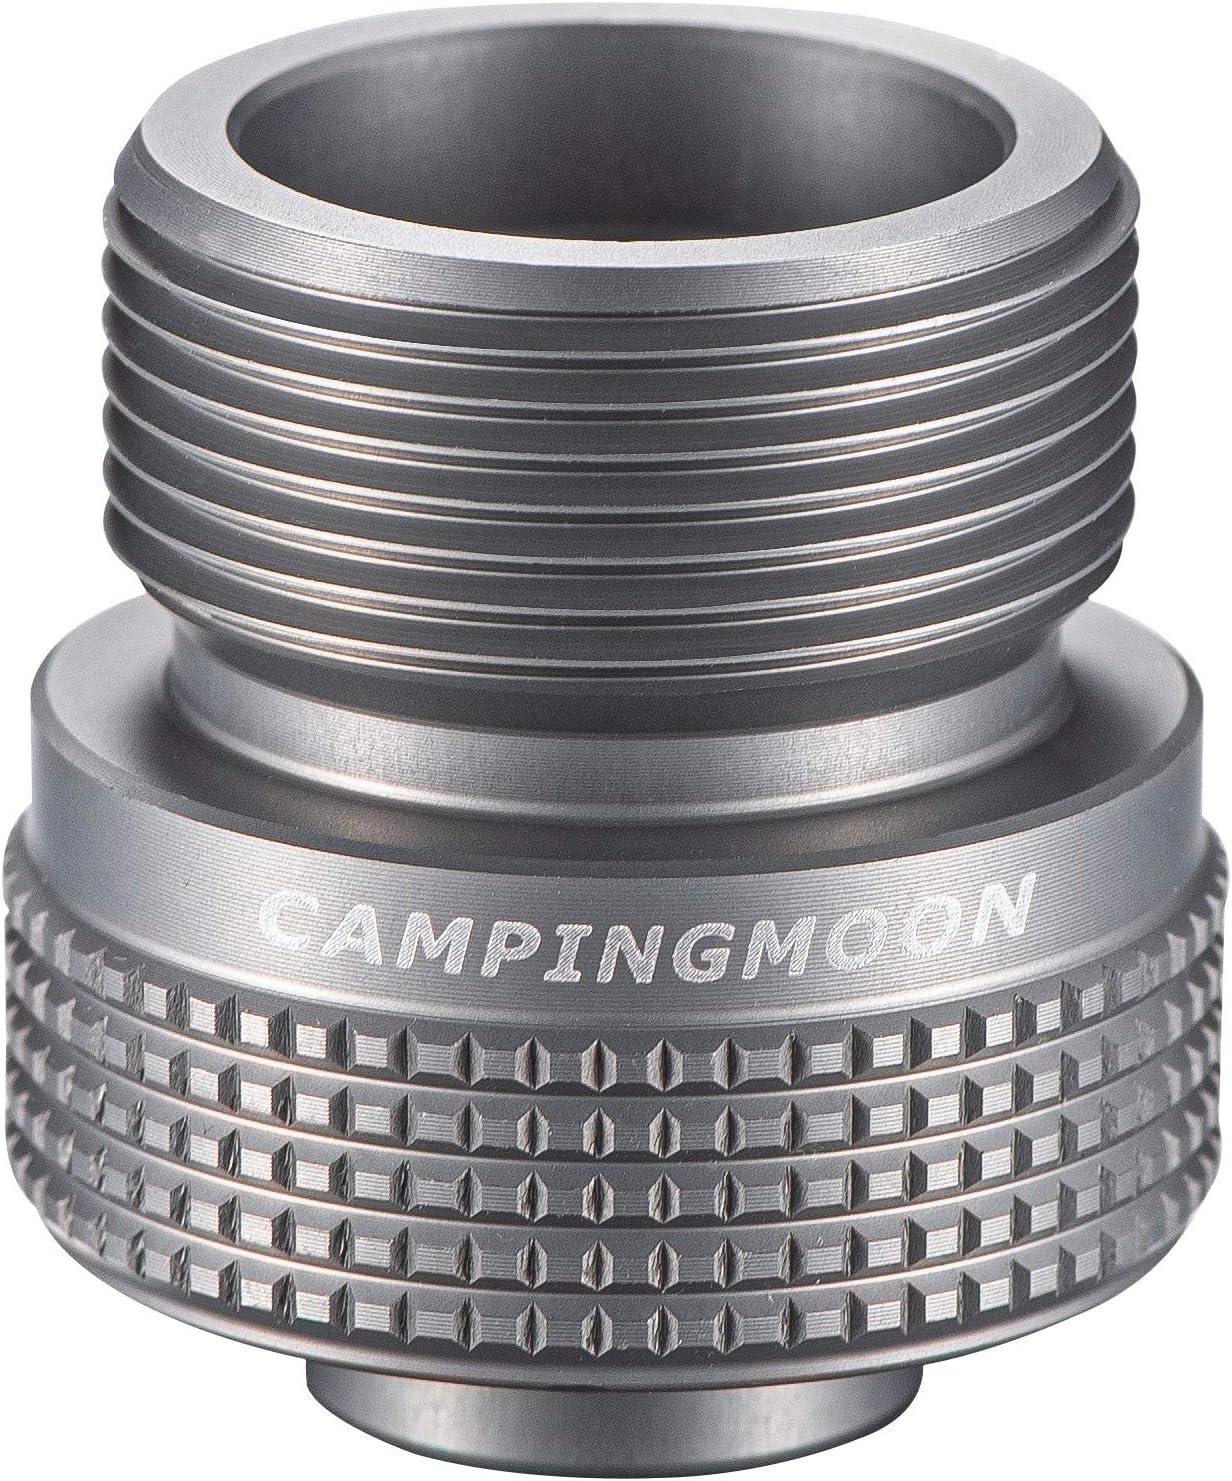 Aluminum Alloy Camping Stove Butane Gas Adapter Convert Fuel 4.4*3cm L7Q2